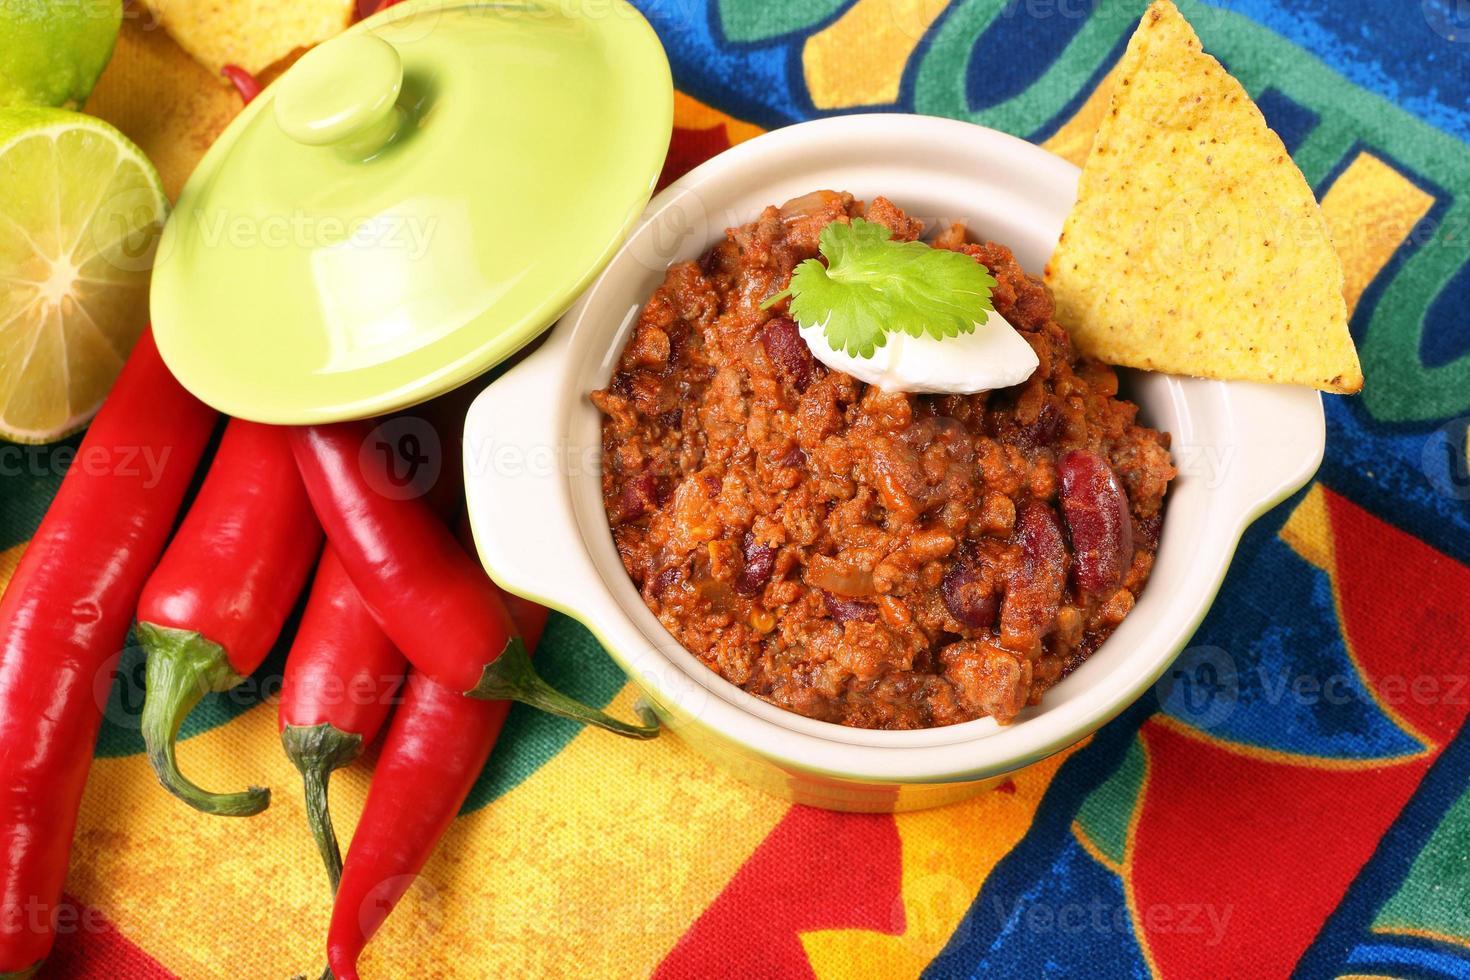 Chili con carne and nachos photo